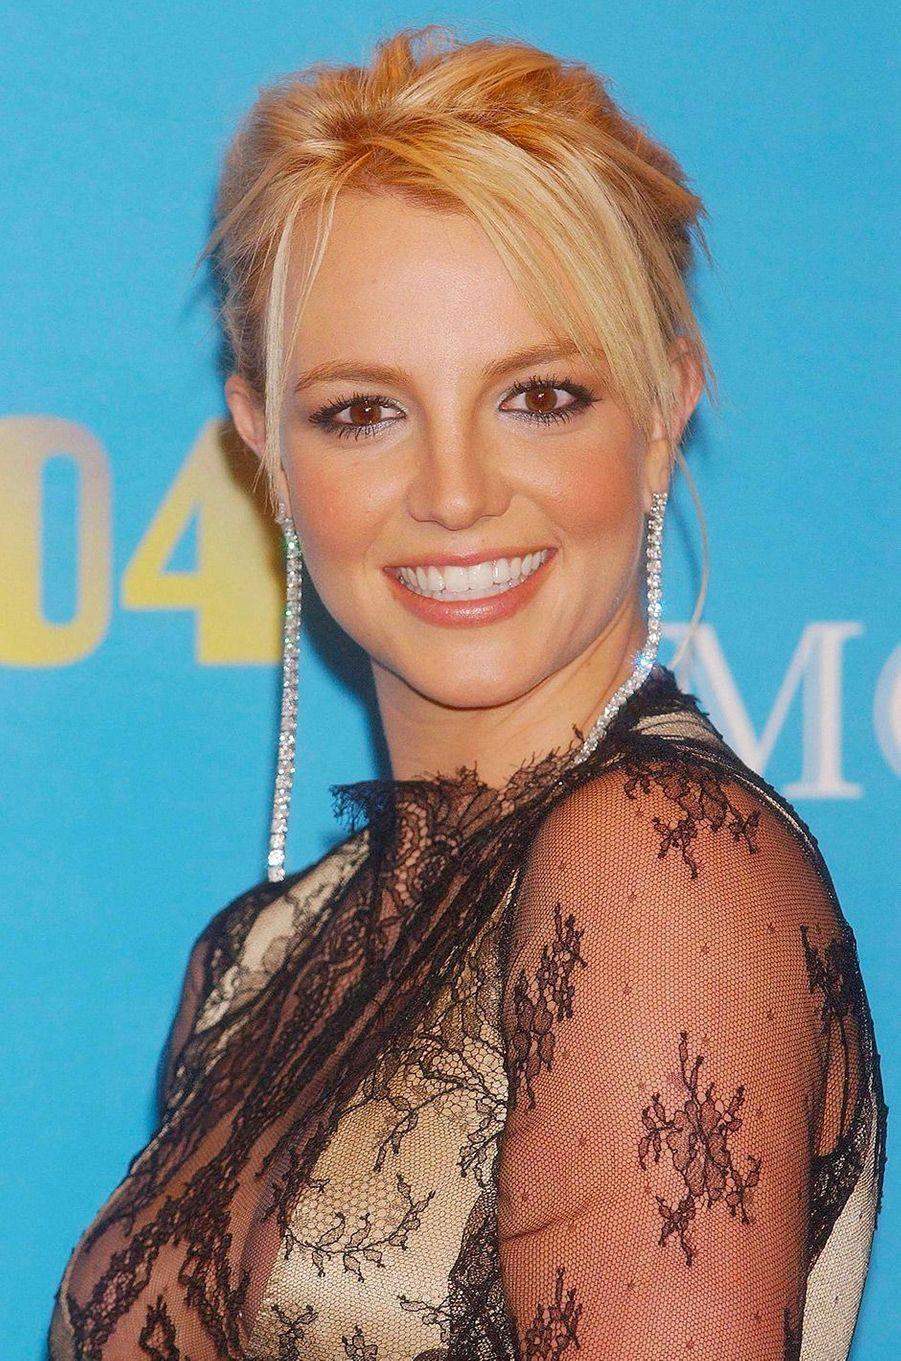 Britney Spears en décembre 2004